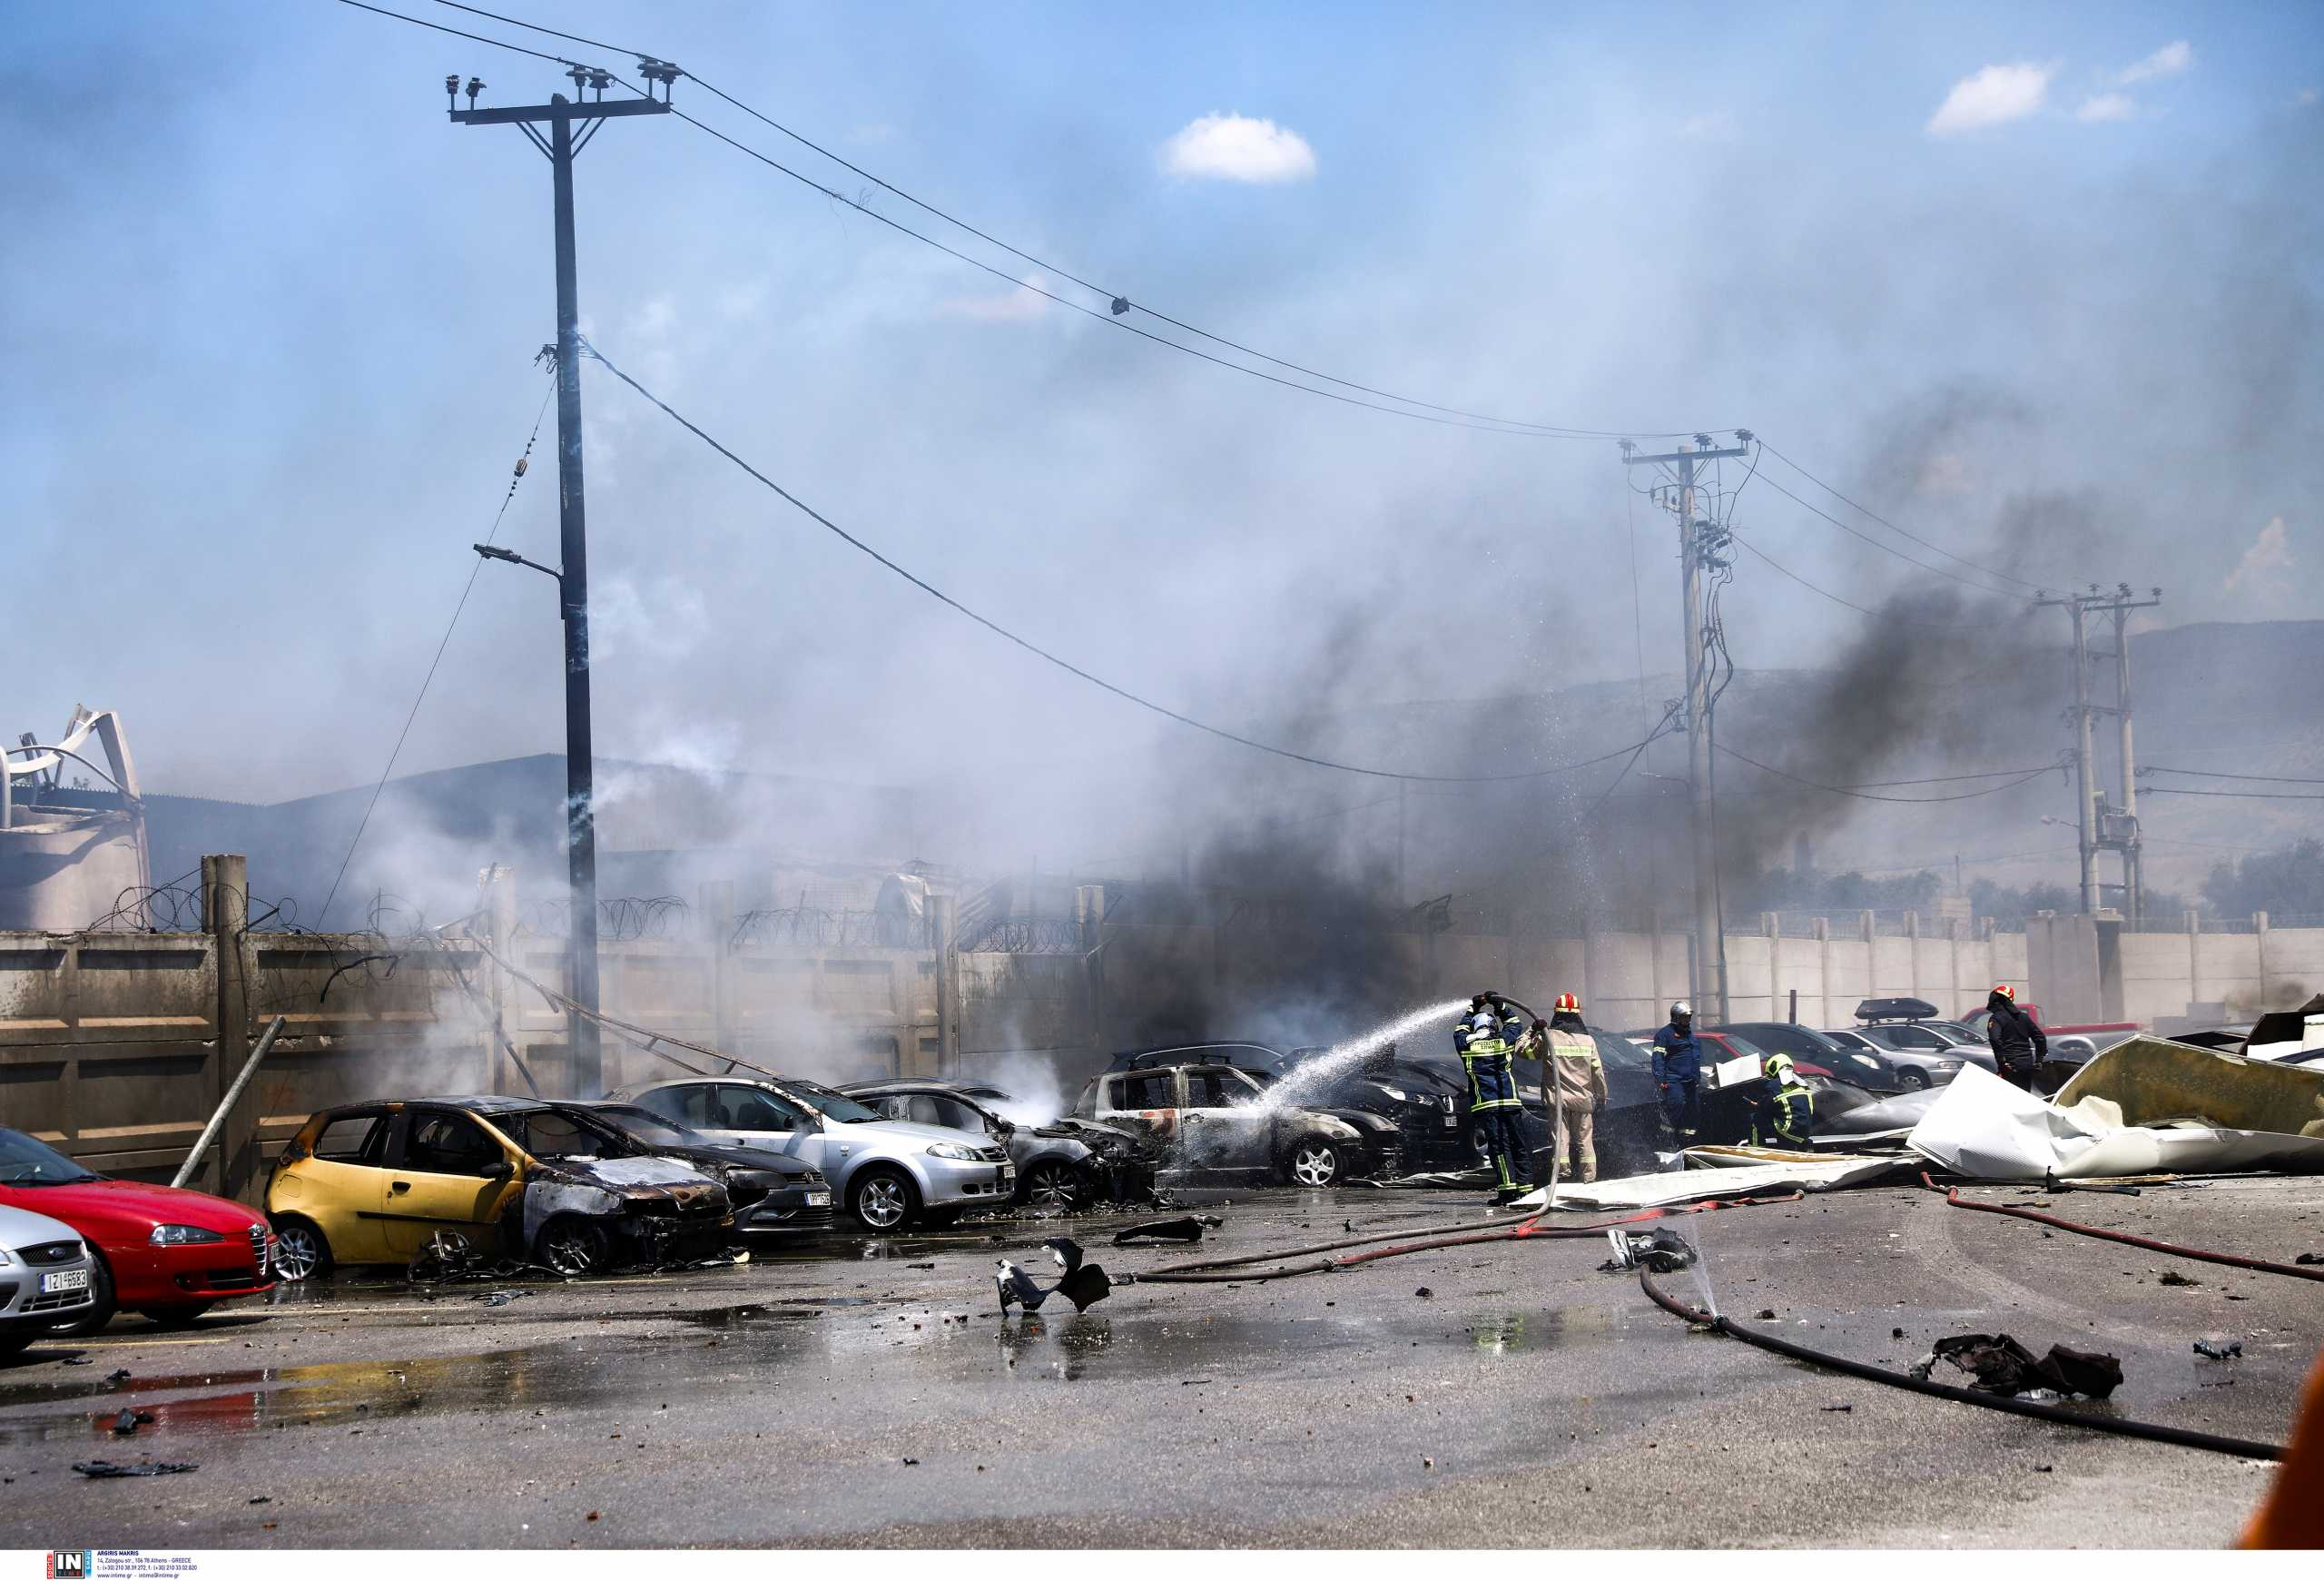 Ασπρόπυργος: Κρανίου τόπος μετά τη φωτιά σε βυτιοφόρο – Τρεις τραυματίες, καταστράφηκαν αυτοκίνητα